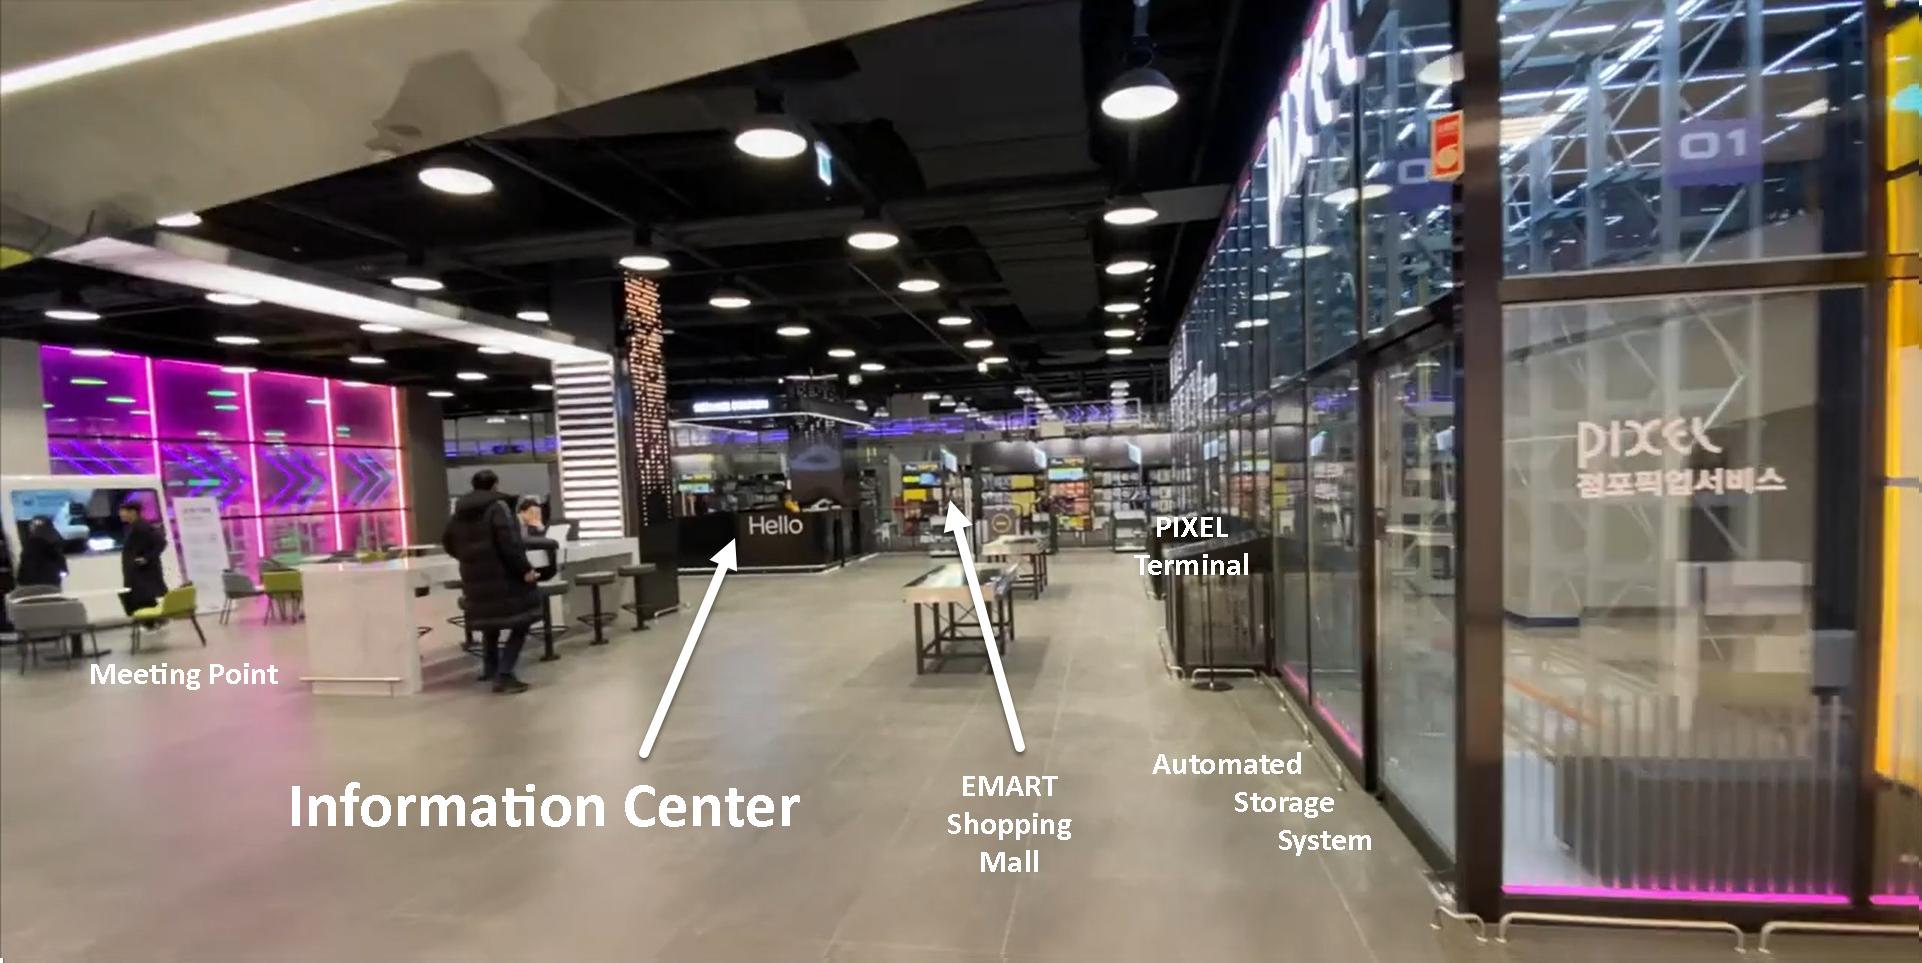 E-Mart Shopping Mall - Bild: E-Mart @xpert.digital